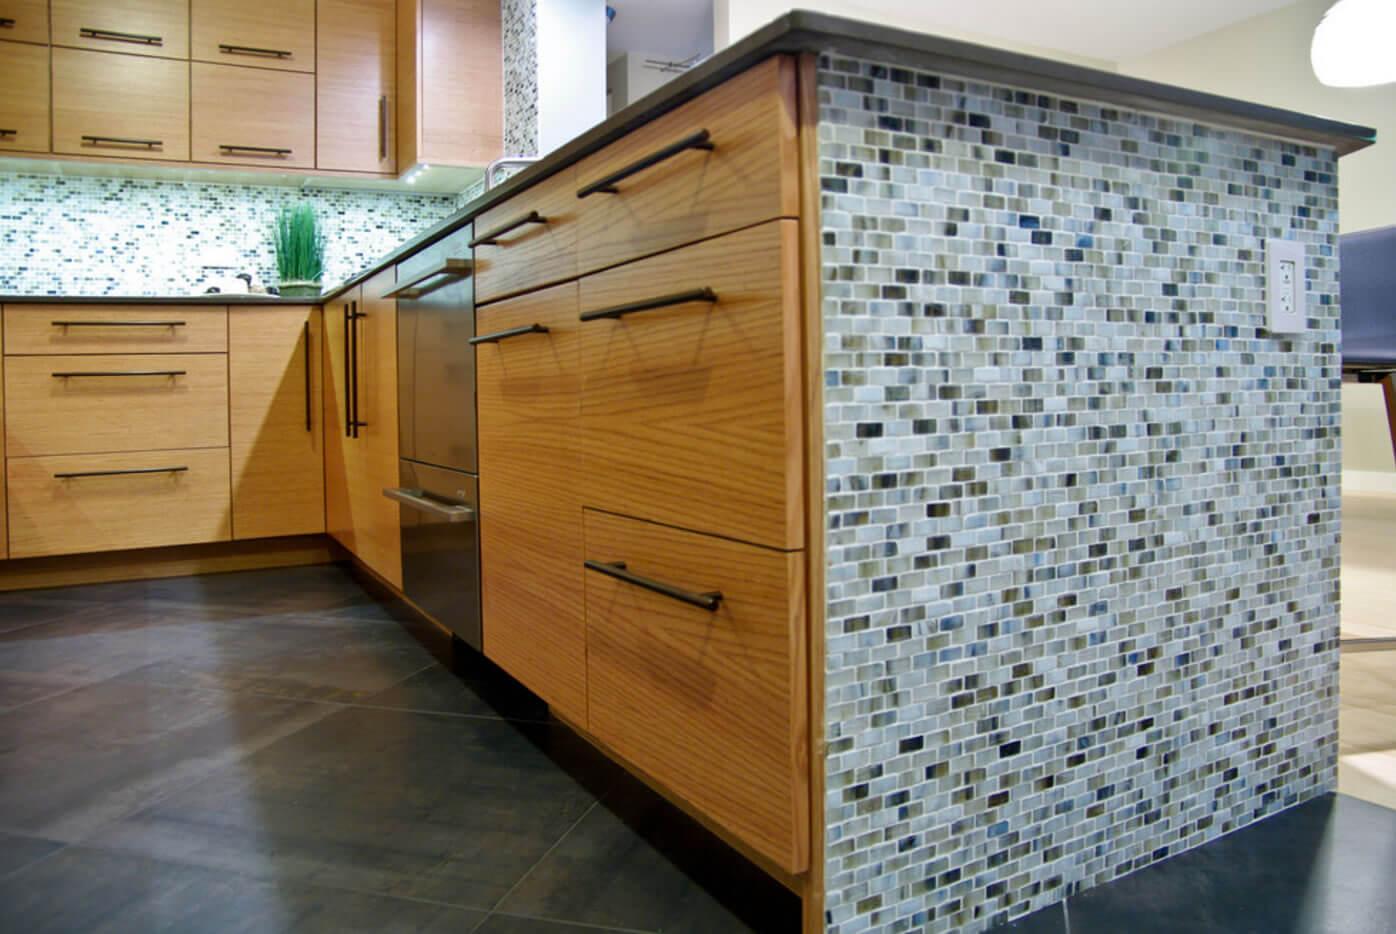 galeria de imagens com ideias para cozinhas com pastilhas de vidro #754A1E 1396 934